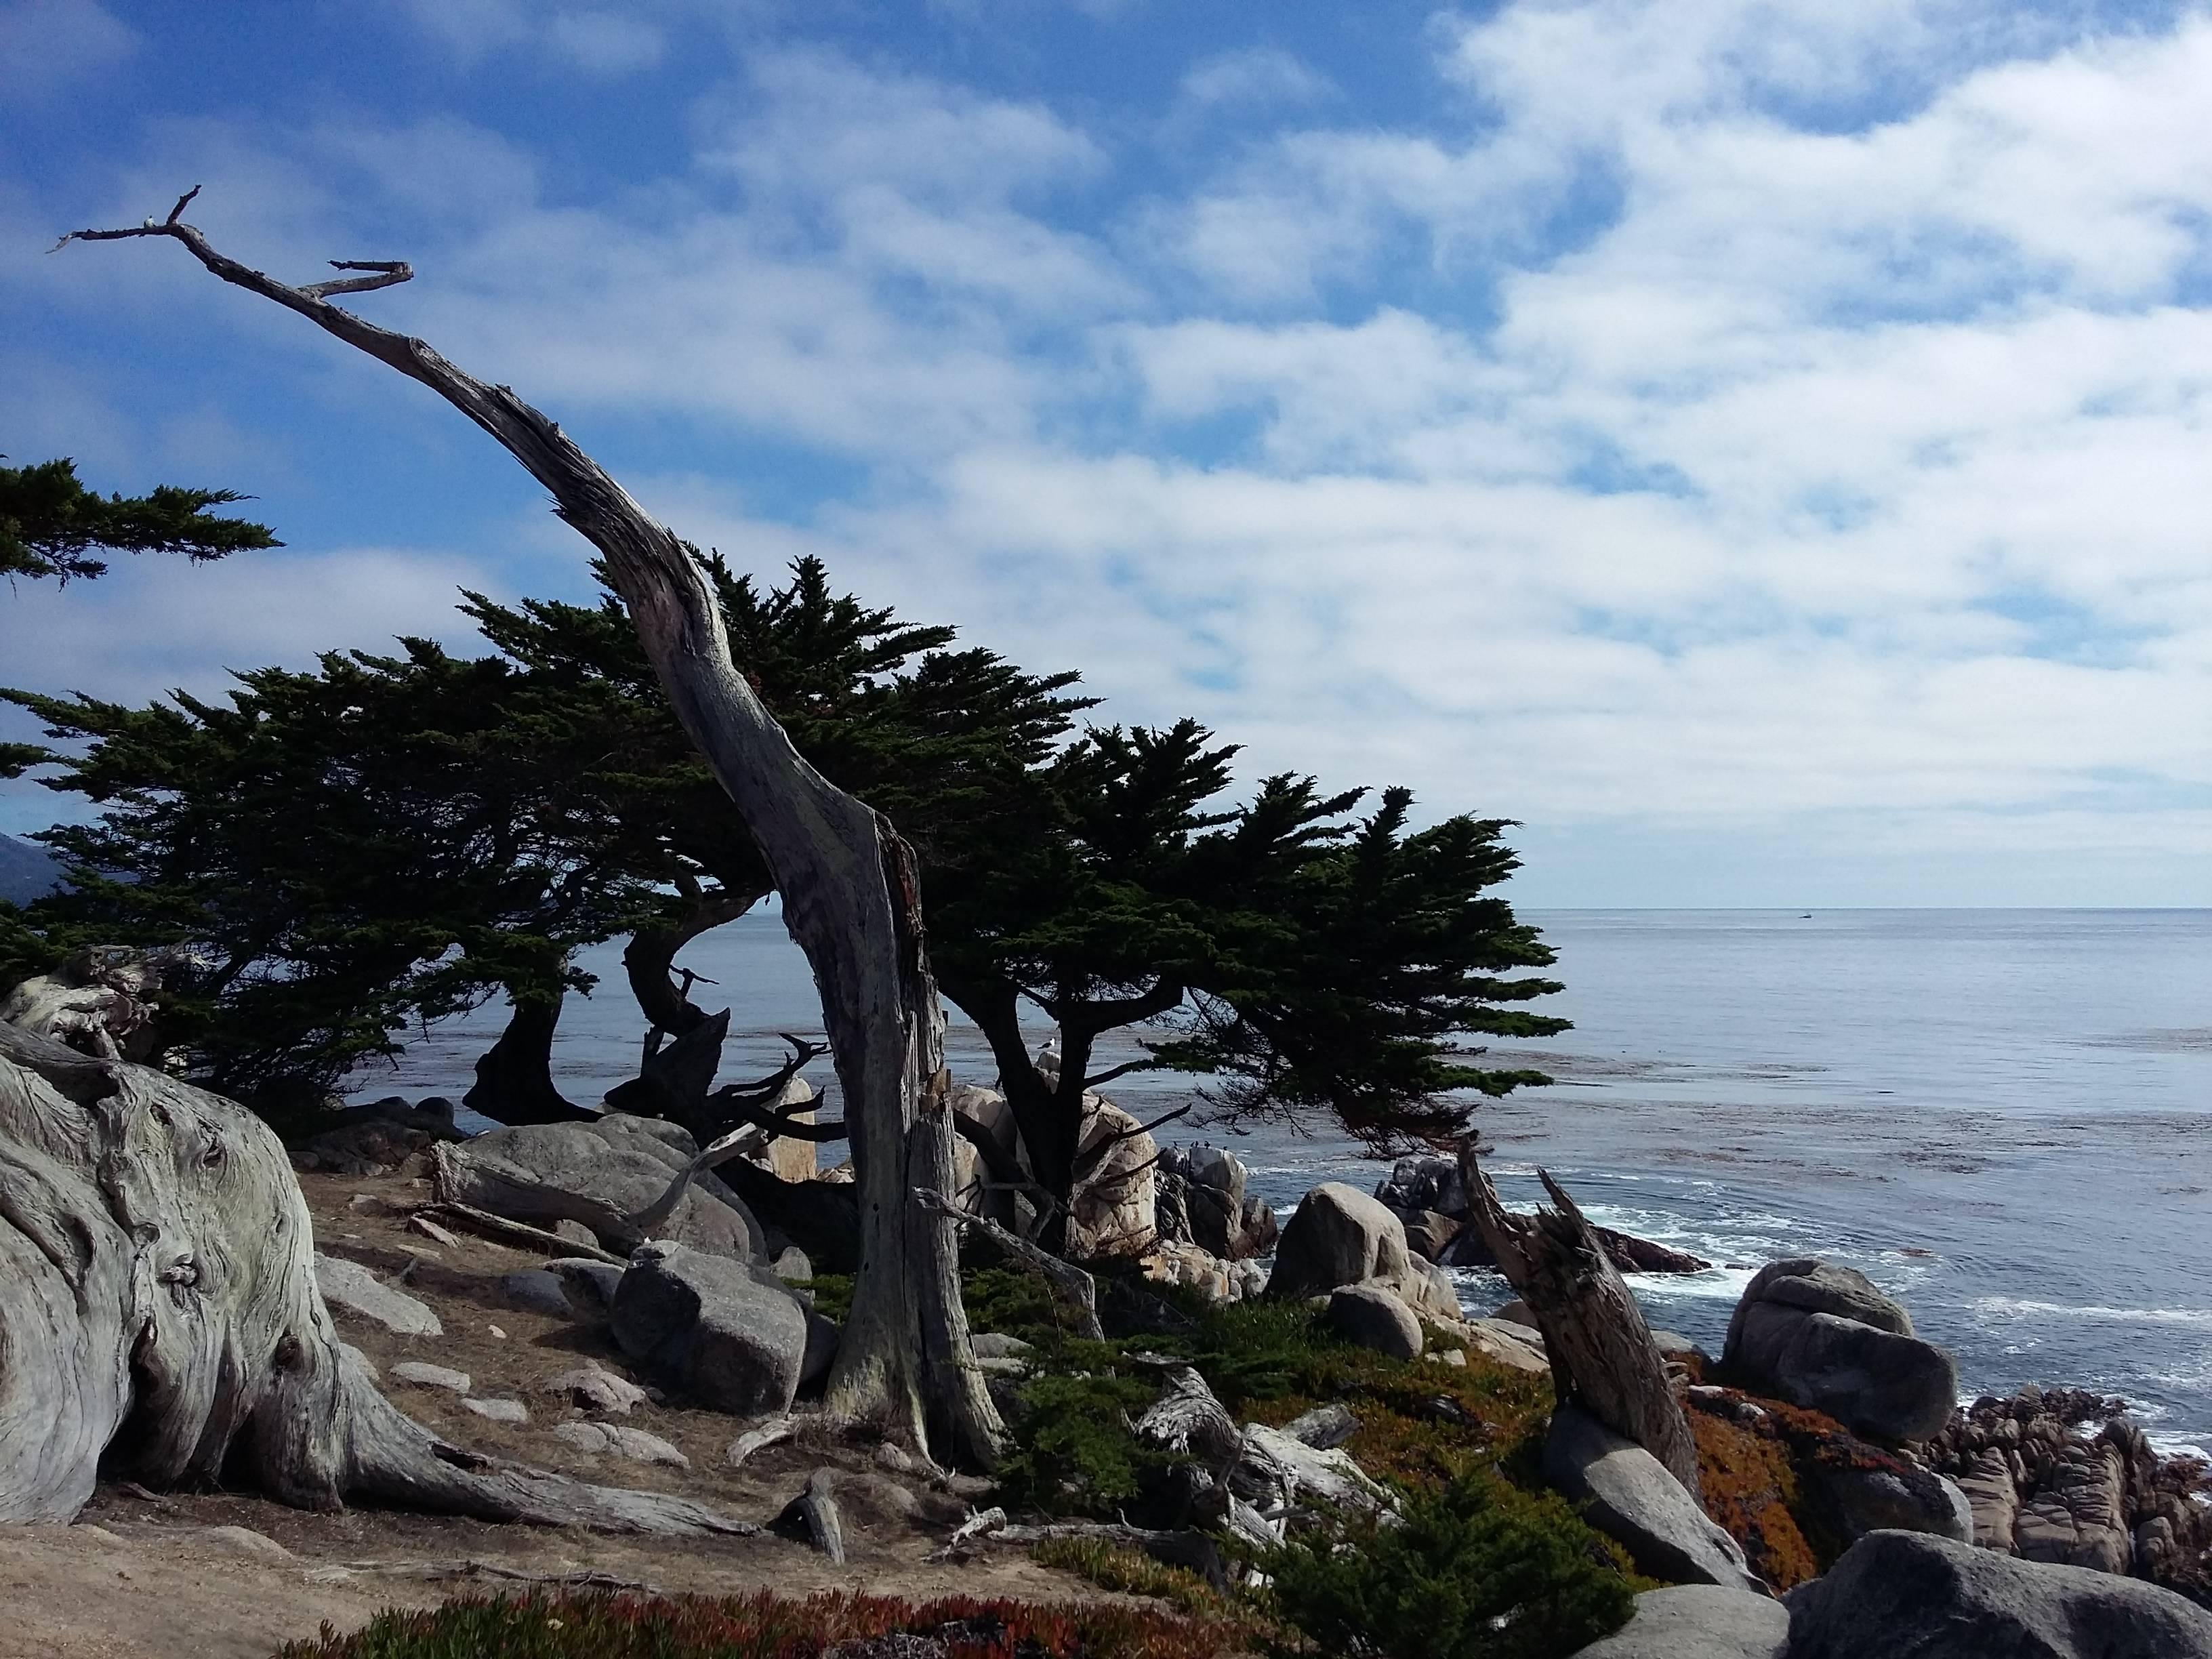 Photo 1: 17 mile drive - De Monterey vers Carmel